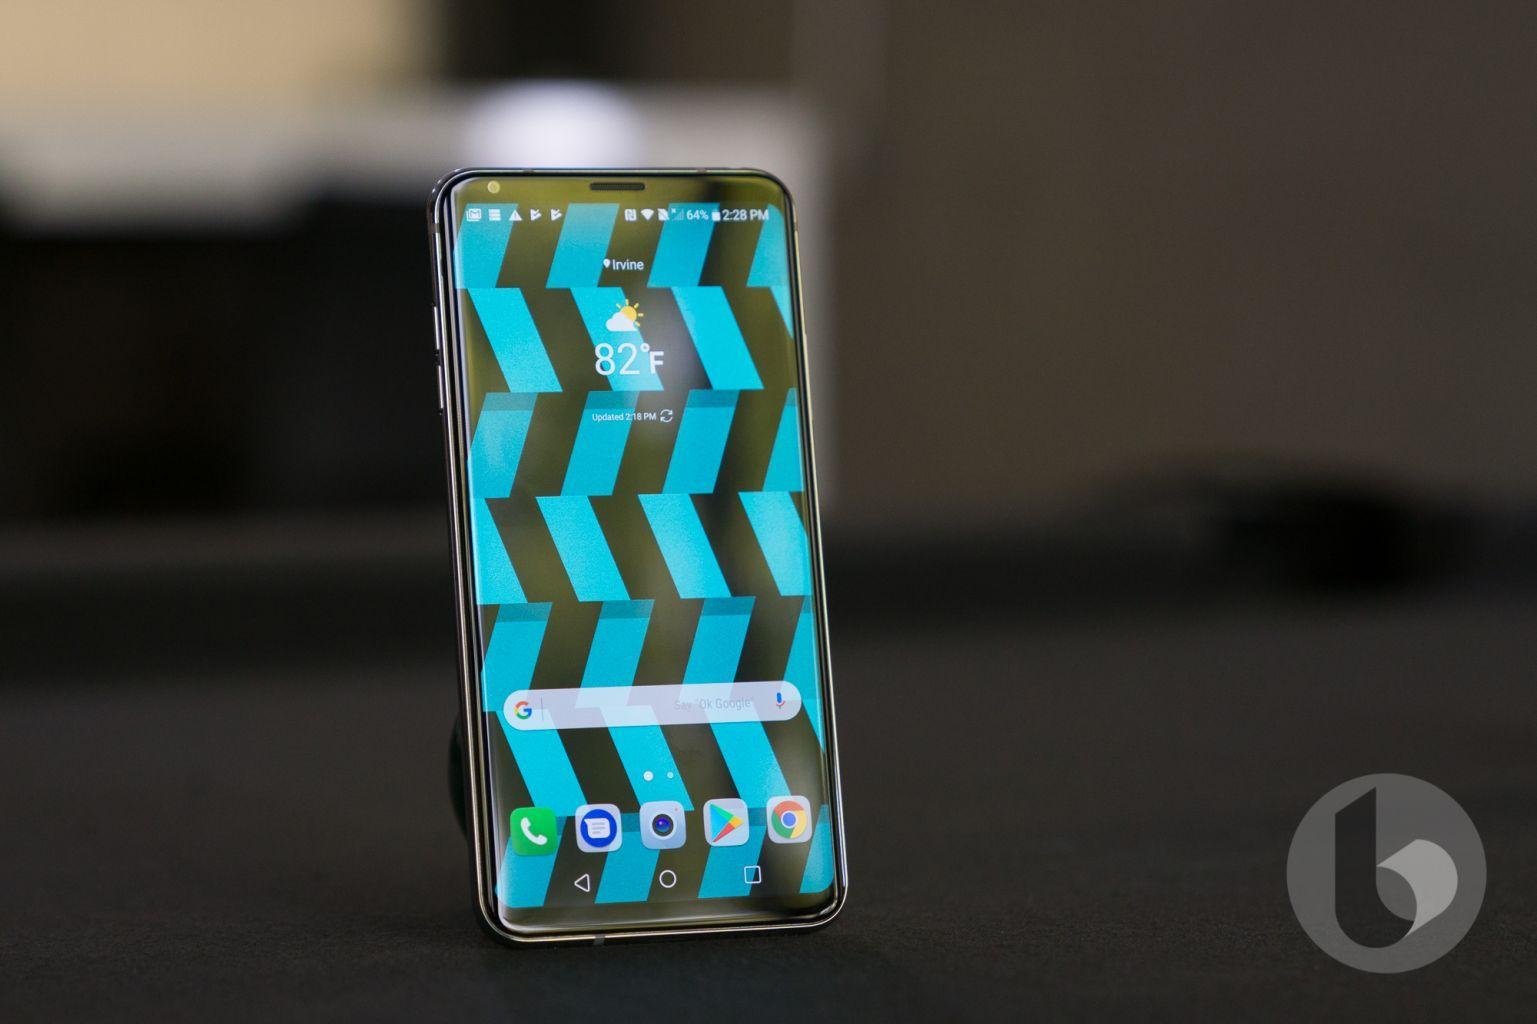 外媒推荐:2018年下半年最值得期待的5款Android手机的照片 - 4